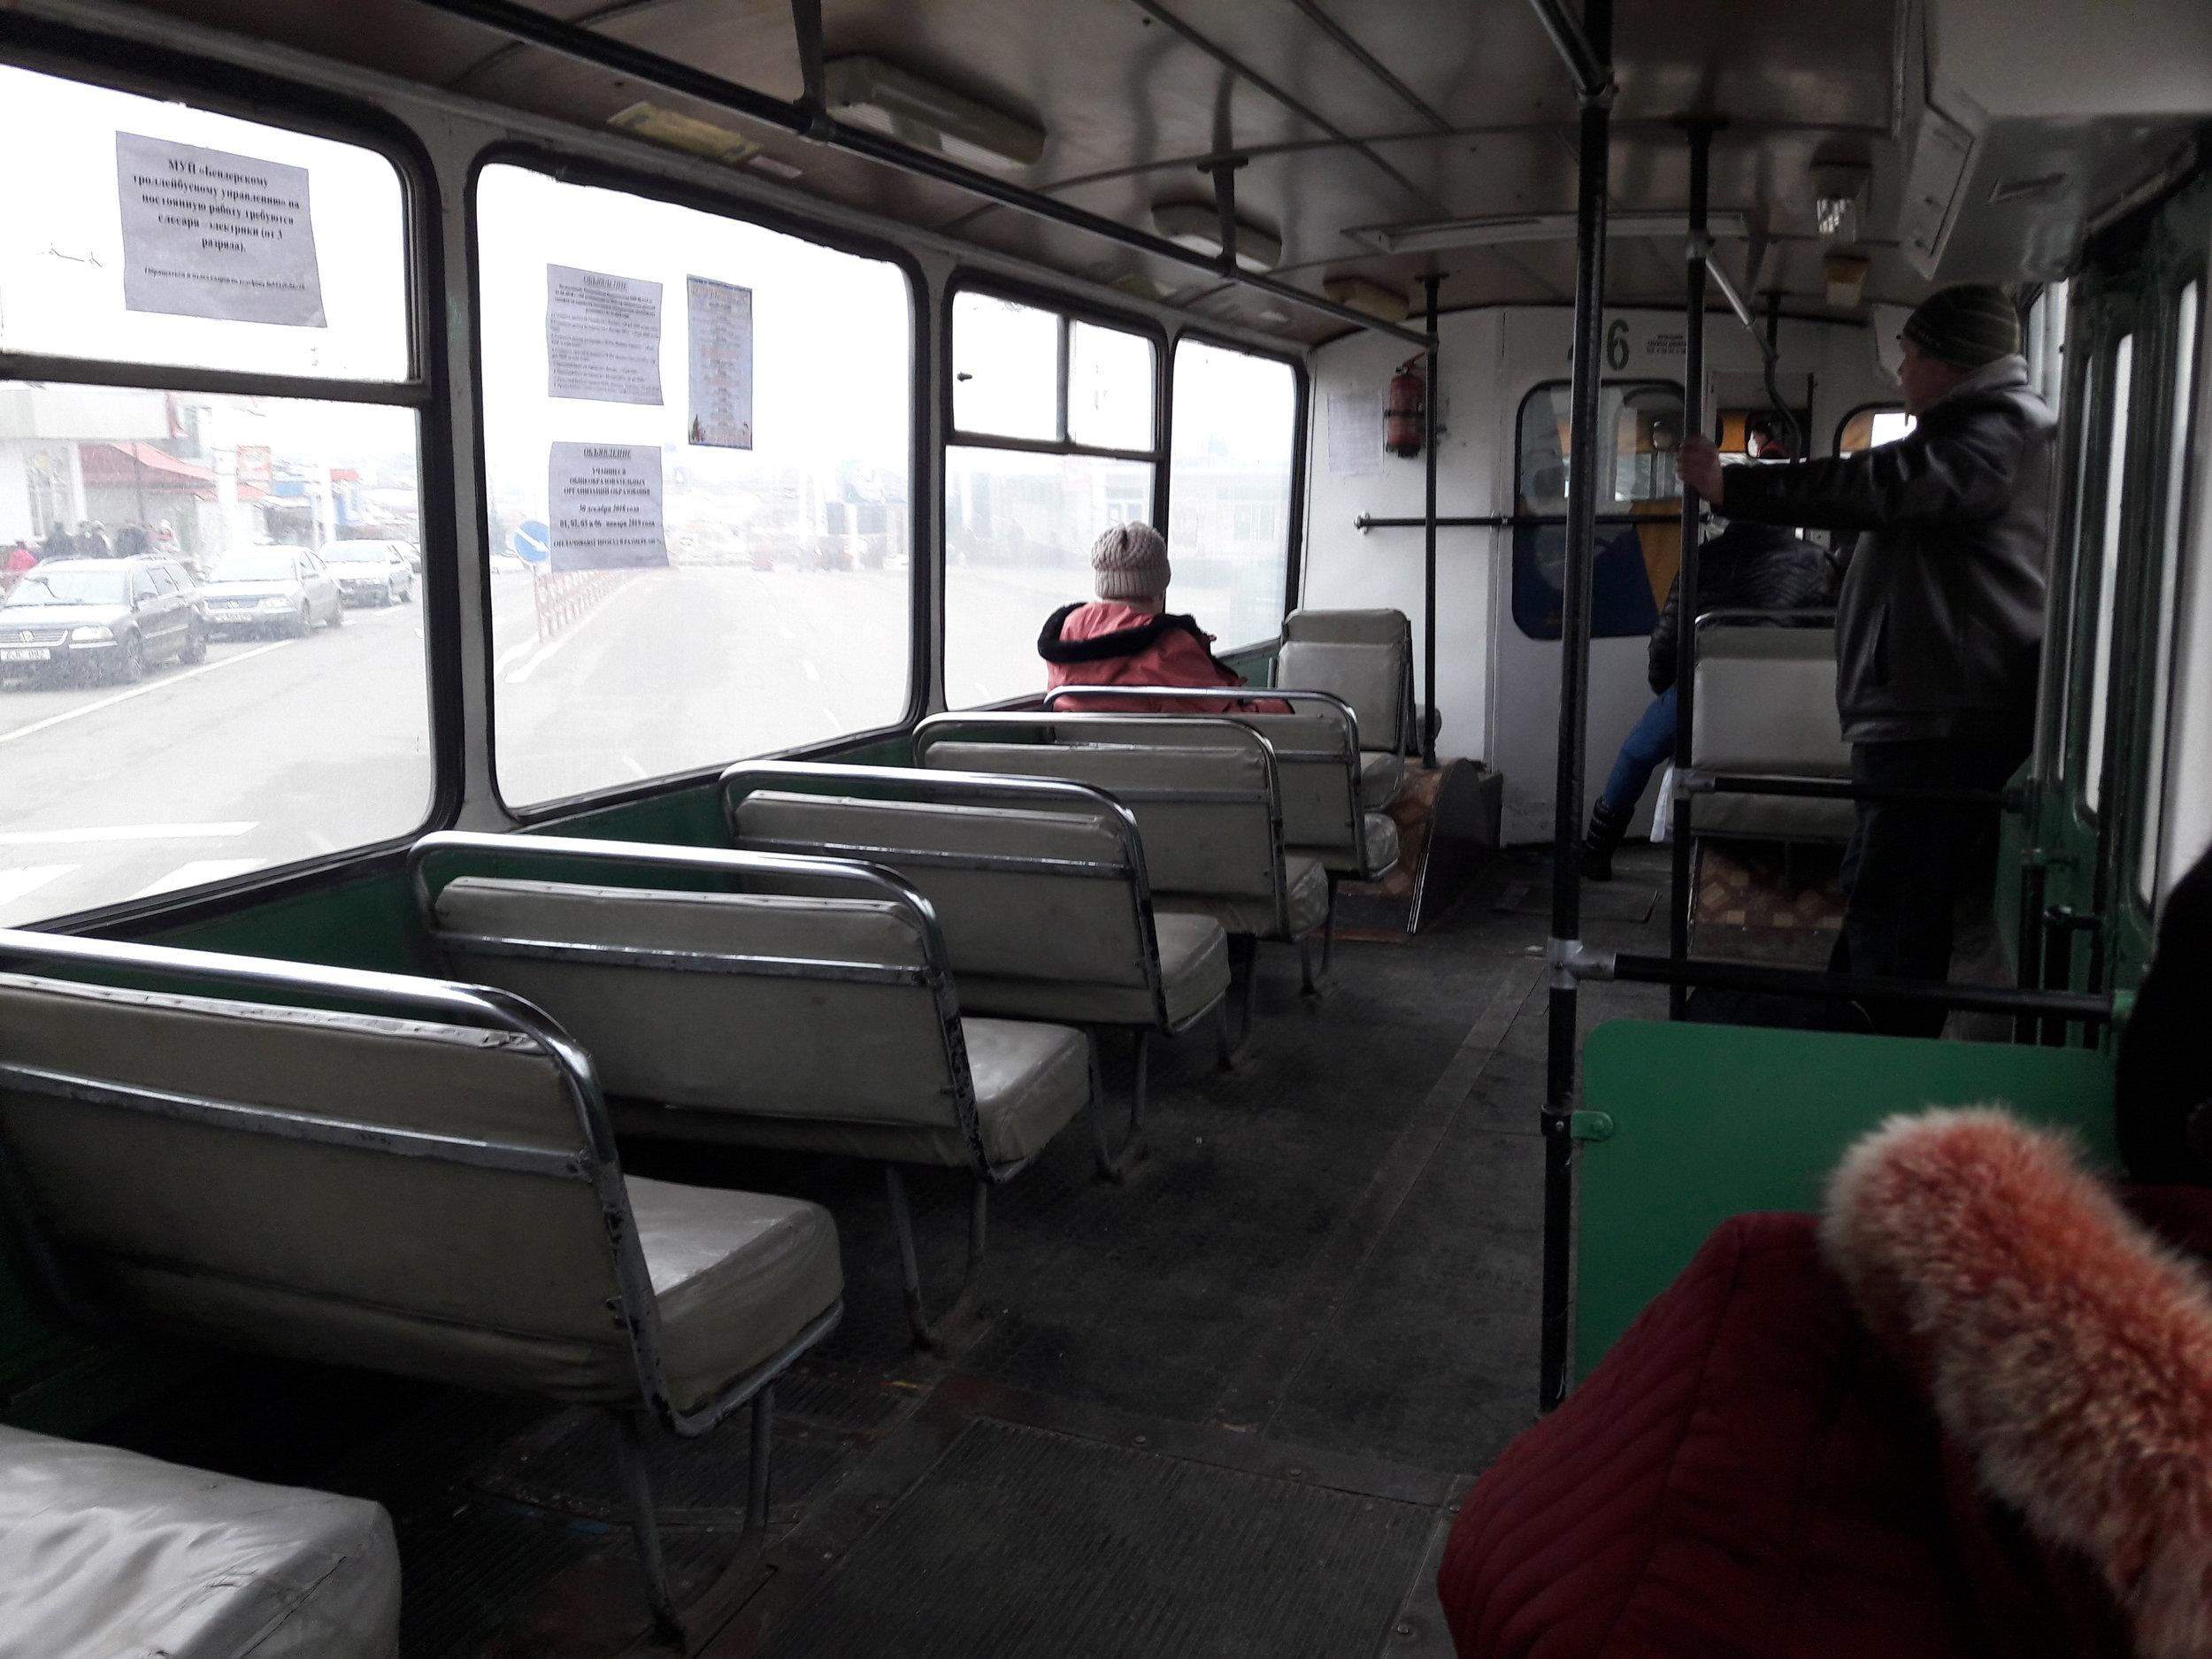 Benderská ZiUčka jsou sice často už zralá na důchod, ale většina z nich nadále slouží a odolává i obvykle žalostným místním vozovkám. V interiéru těchto trolejbusů to sice čistotou zrovna nevoní, je v něm ale i v zimním počasí docela teplo.